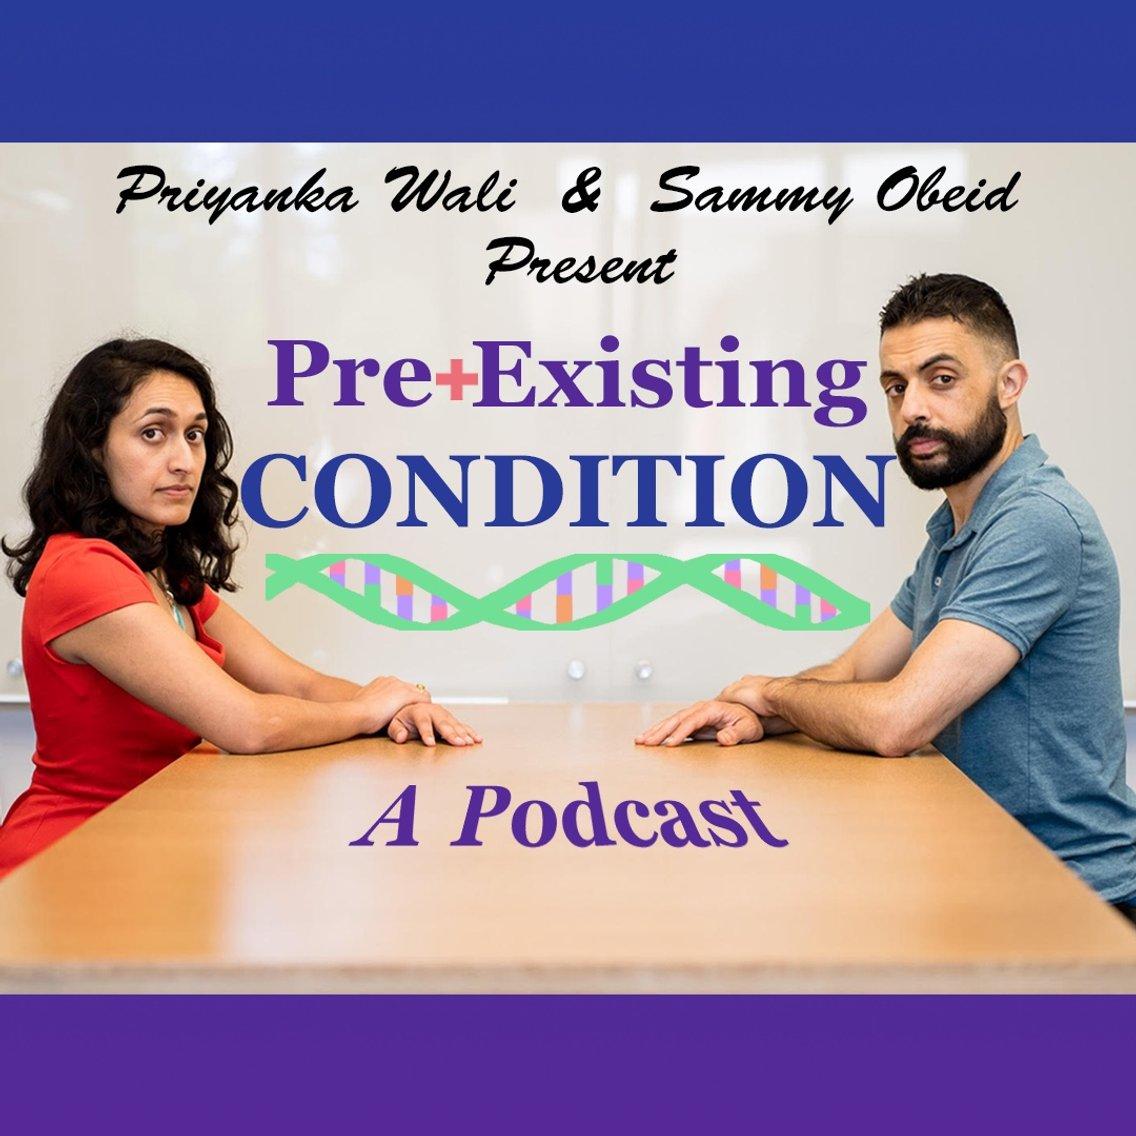 PreExisting Condition - imagen de portada